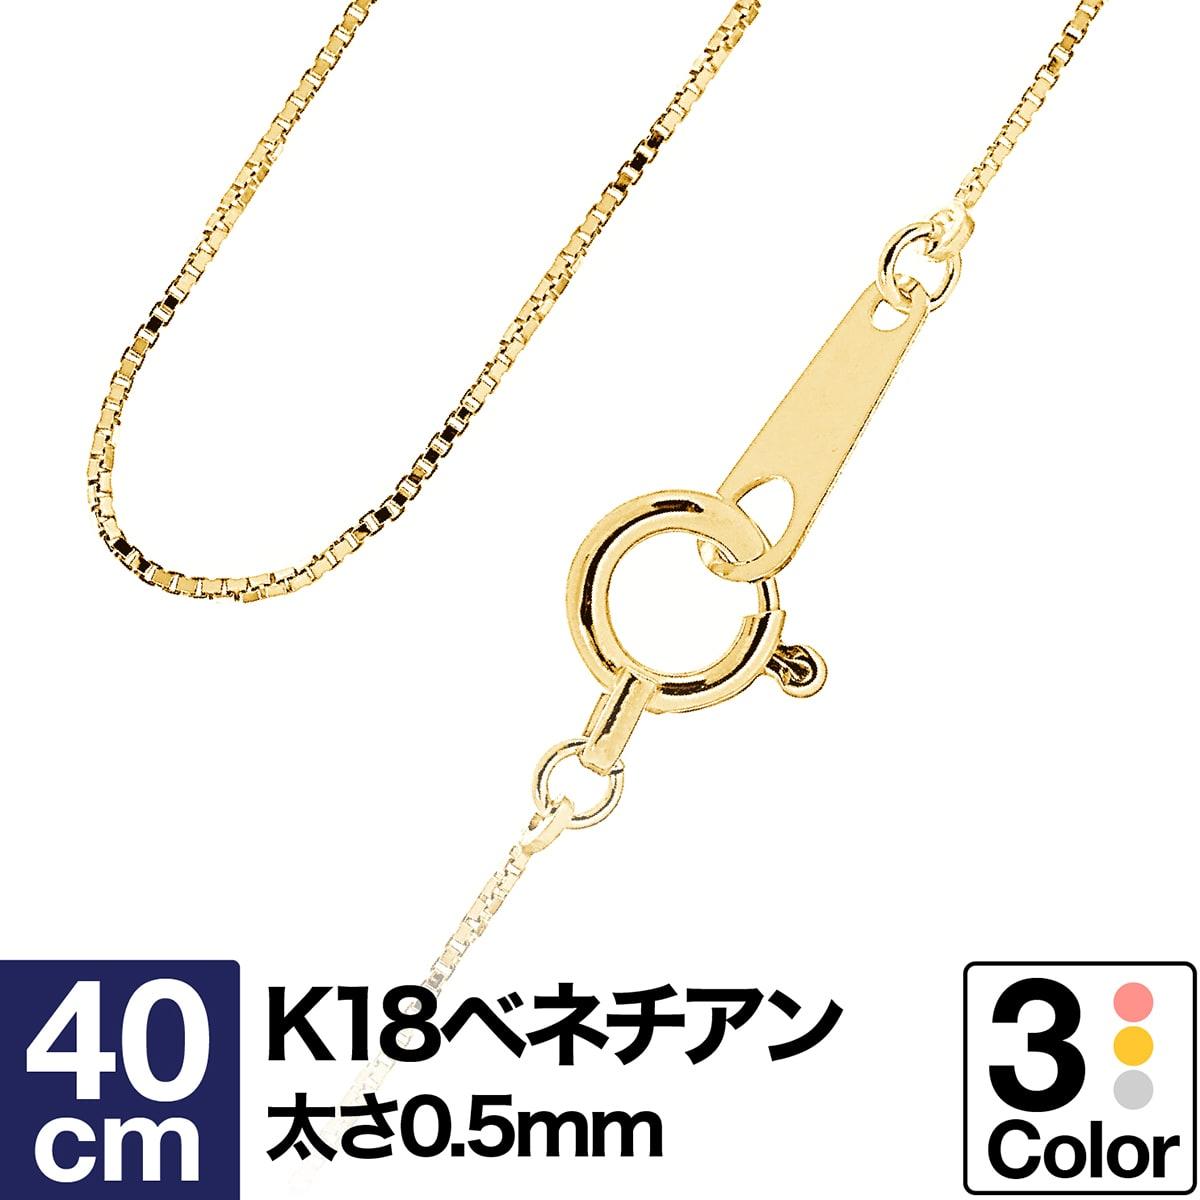 ネックレス チェーン ベネチアン k18 イエローゴールド/ホワイトゴールド/ピンクゴールド 長さ40cm 幅0.5mm【あす楽】 誕生日 ギフト